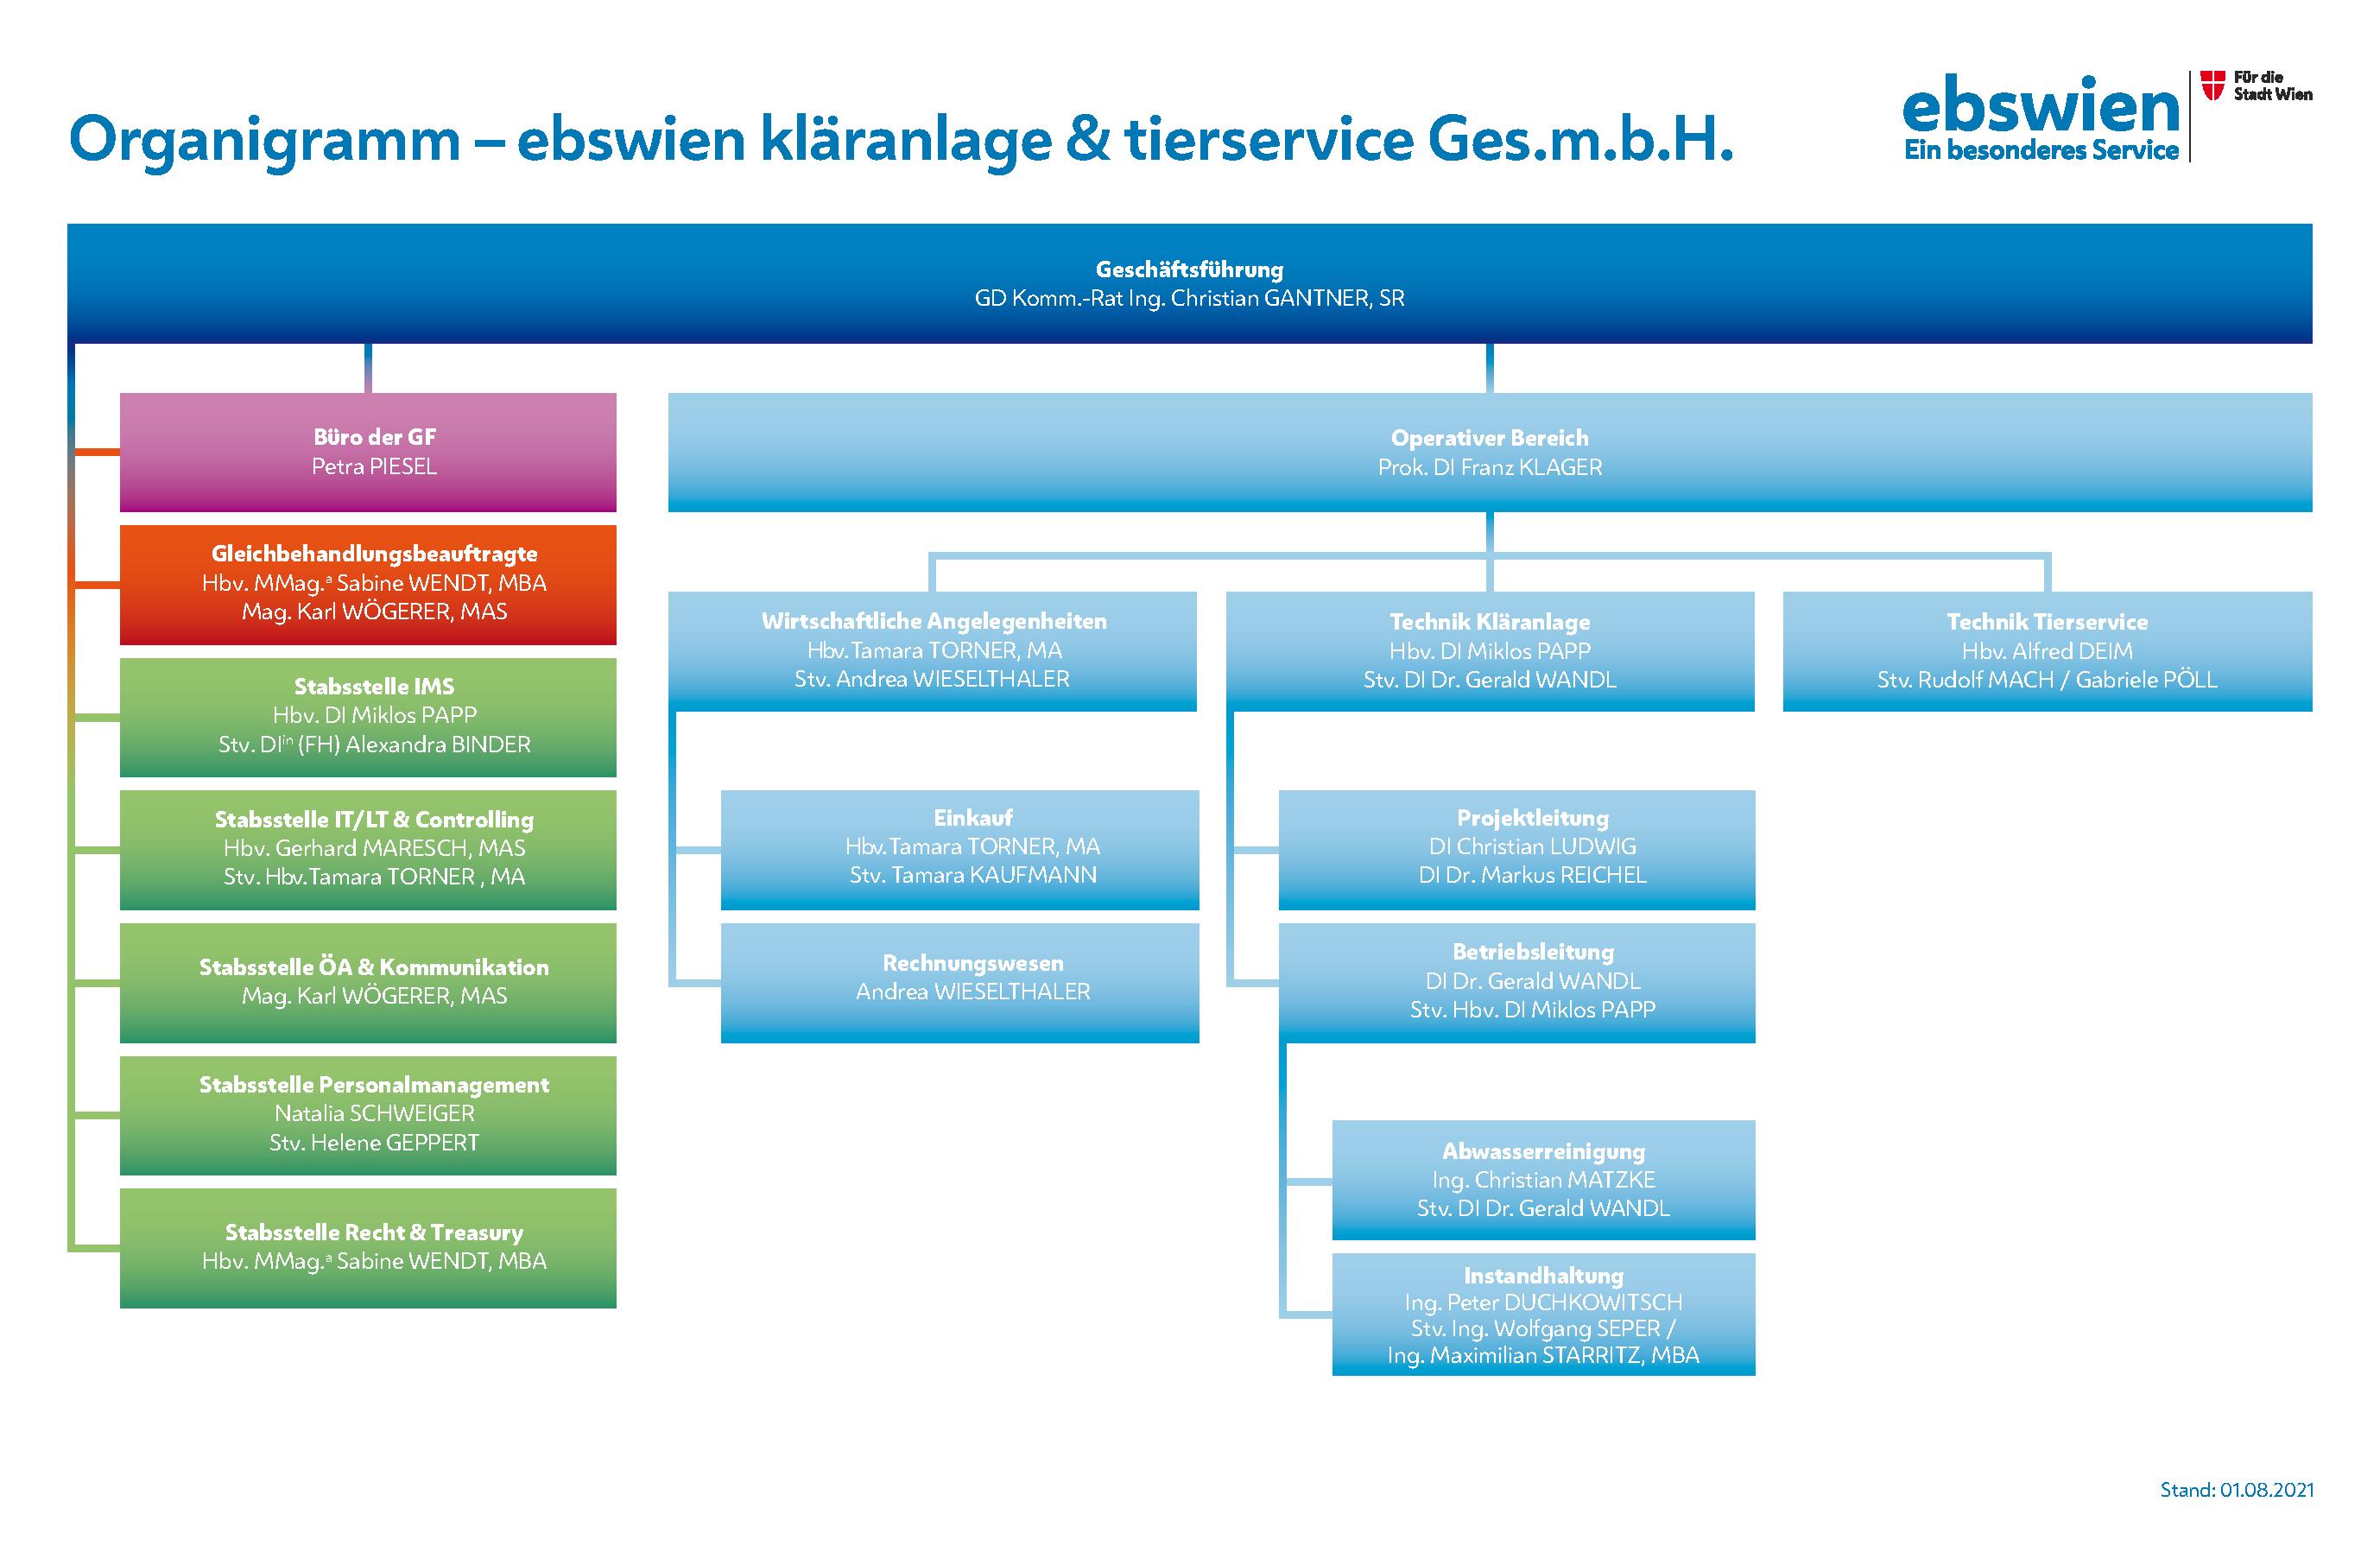 Organigramm der ebswien kläranlage & tierservice Ges.m.b.H.